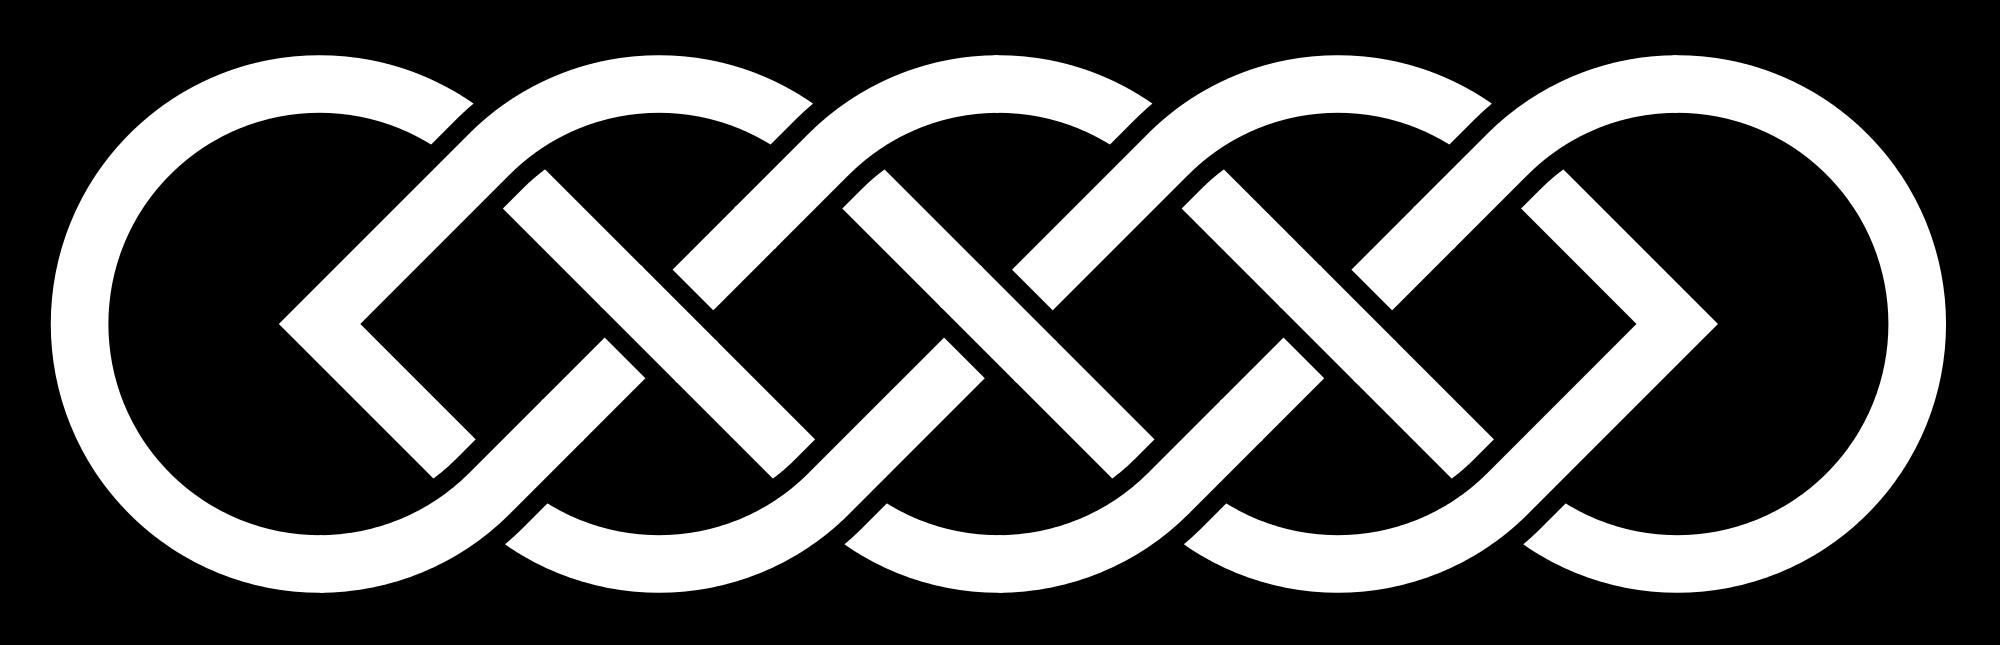 Celtic Knot Backgrounds, Compatible - PC, Mobile, Gadgets| 2000x645 px